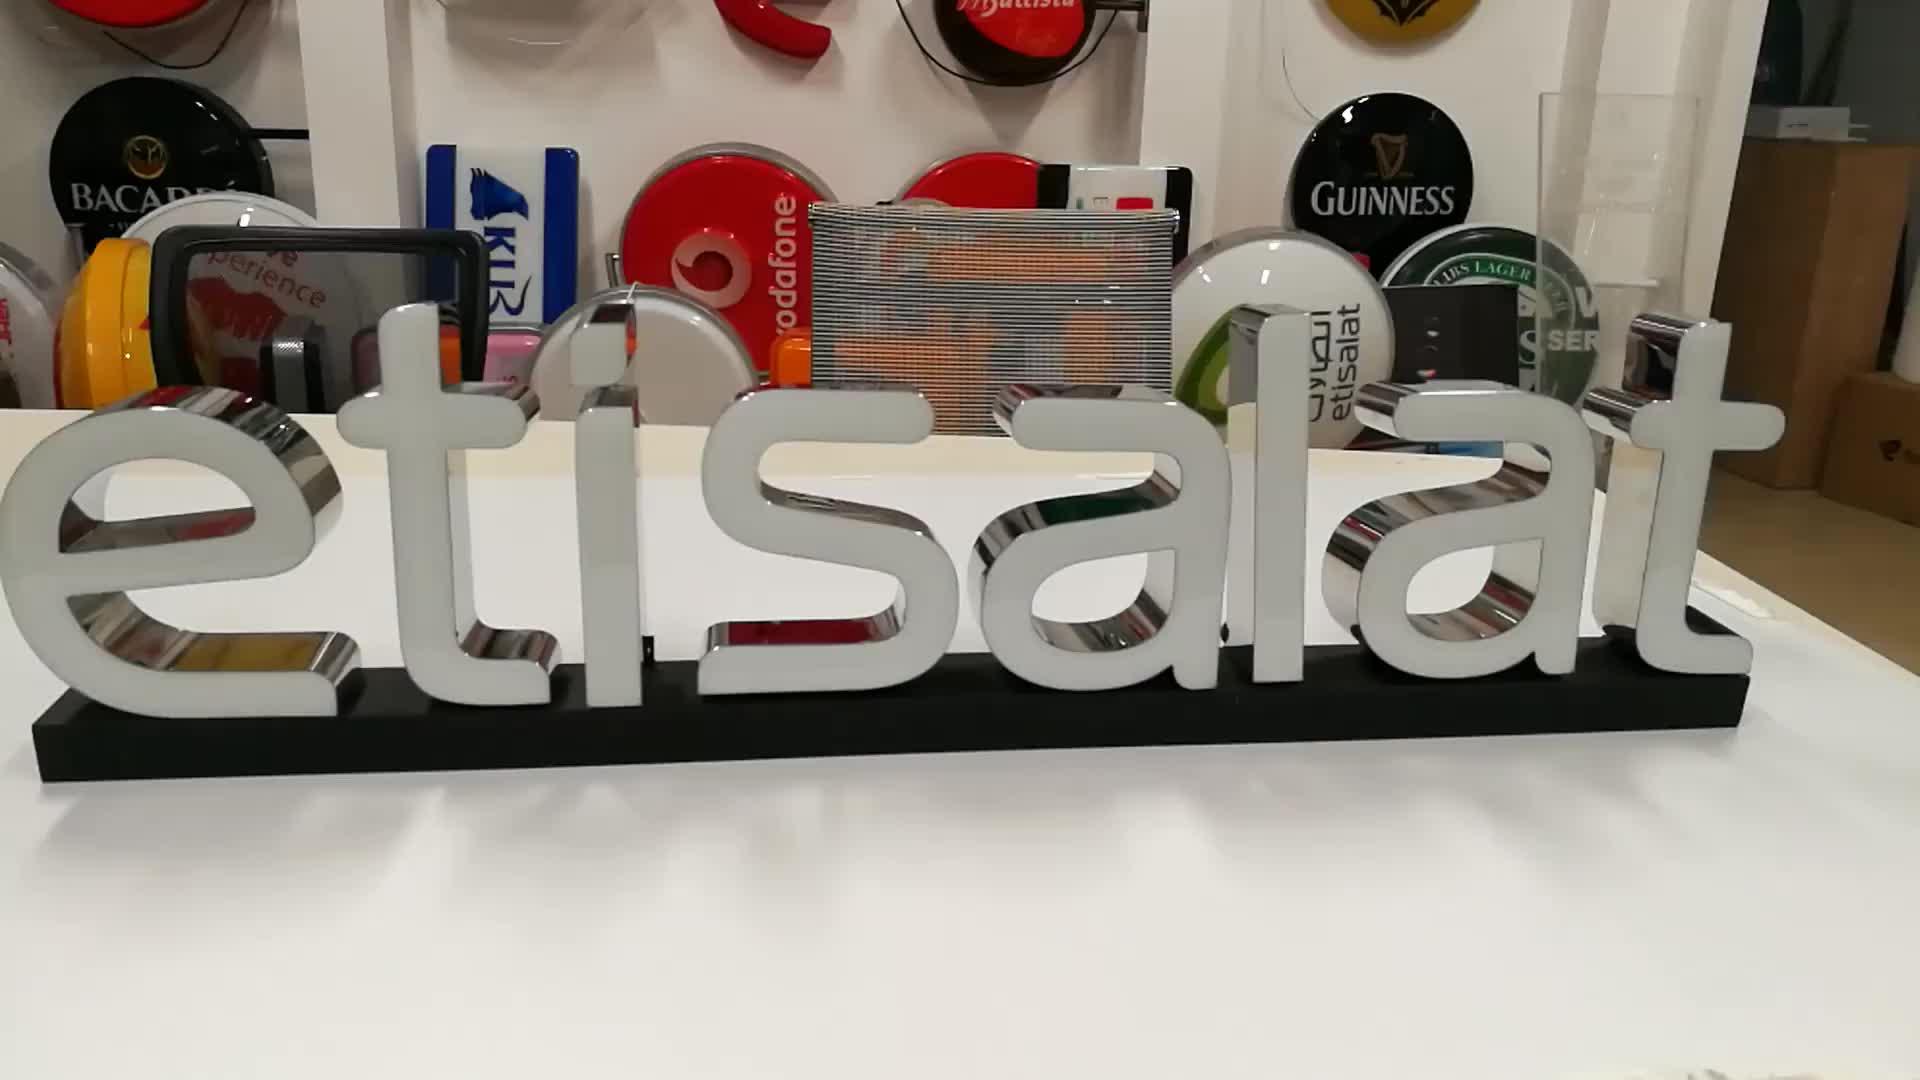 Nome da loja de montagem na parede elétrica exibição signage 3D publicidade iluminação letras de acrílico